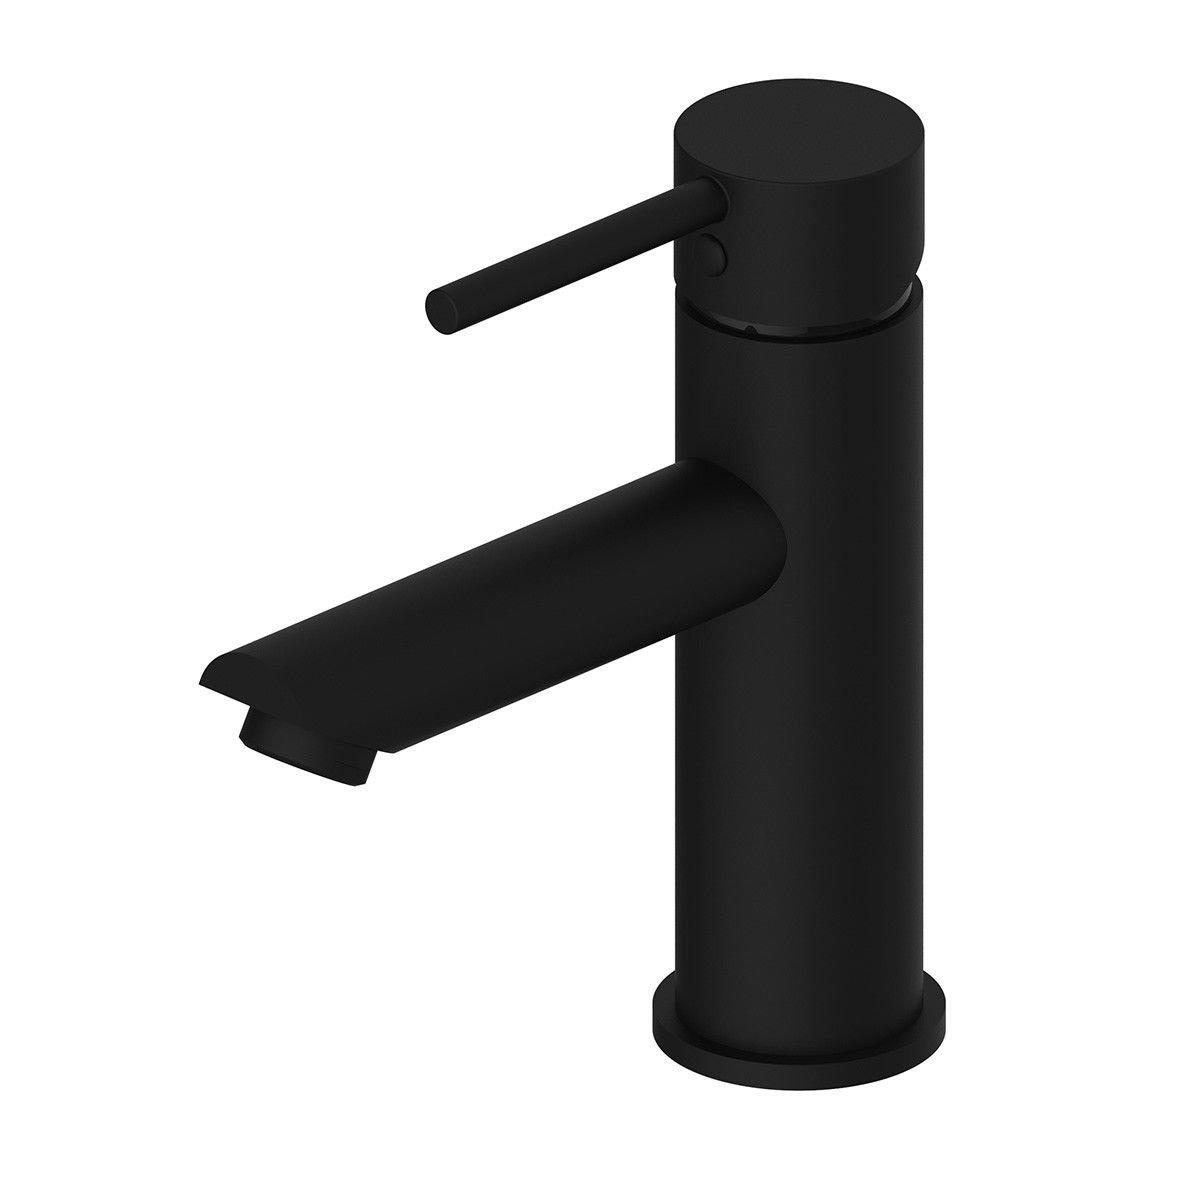 TRUSTMI M/élangeur en laiton pour lavabo Robinet pour lavabo de lavabo or bross/é 1 poign/ée